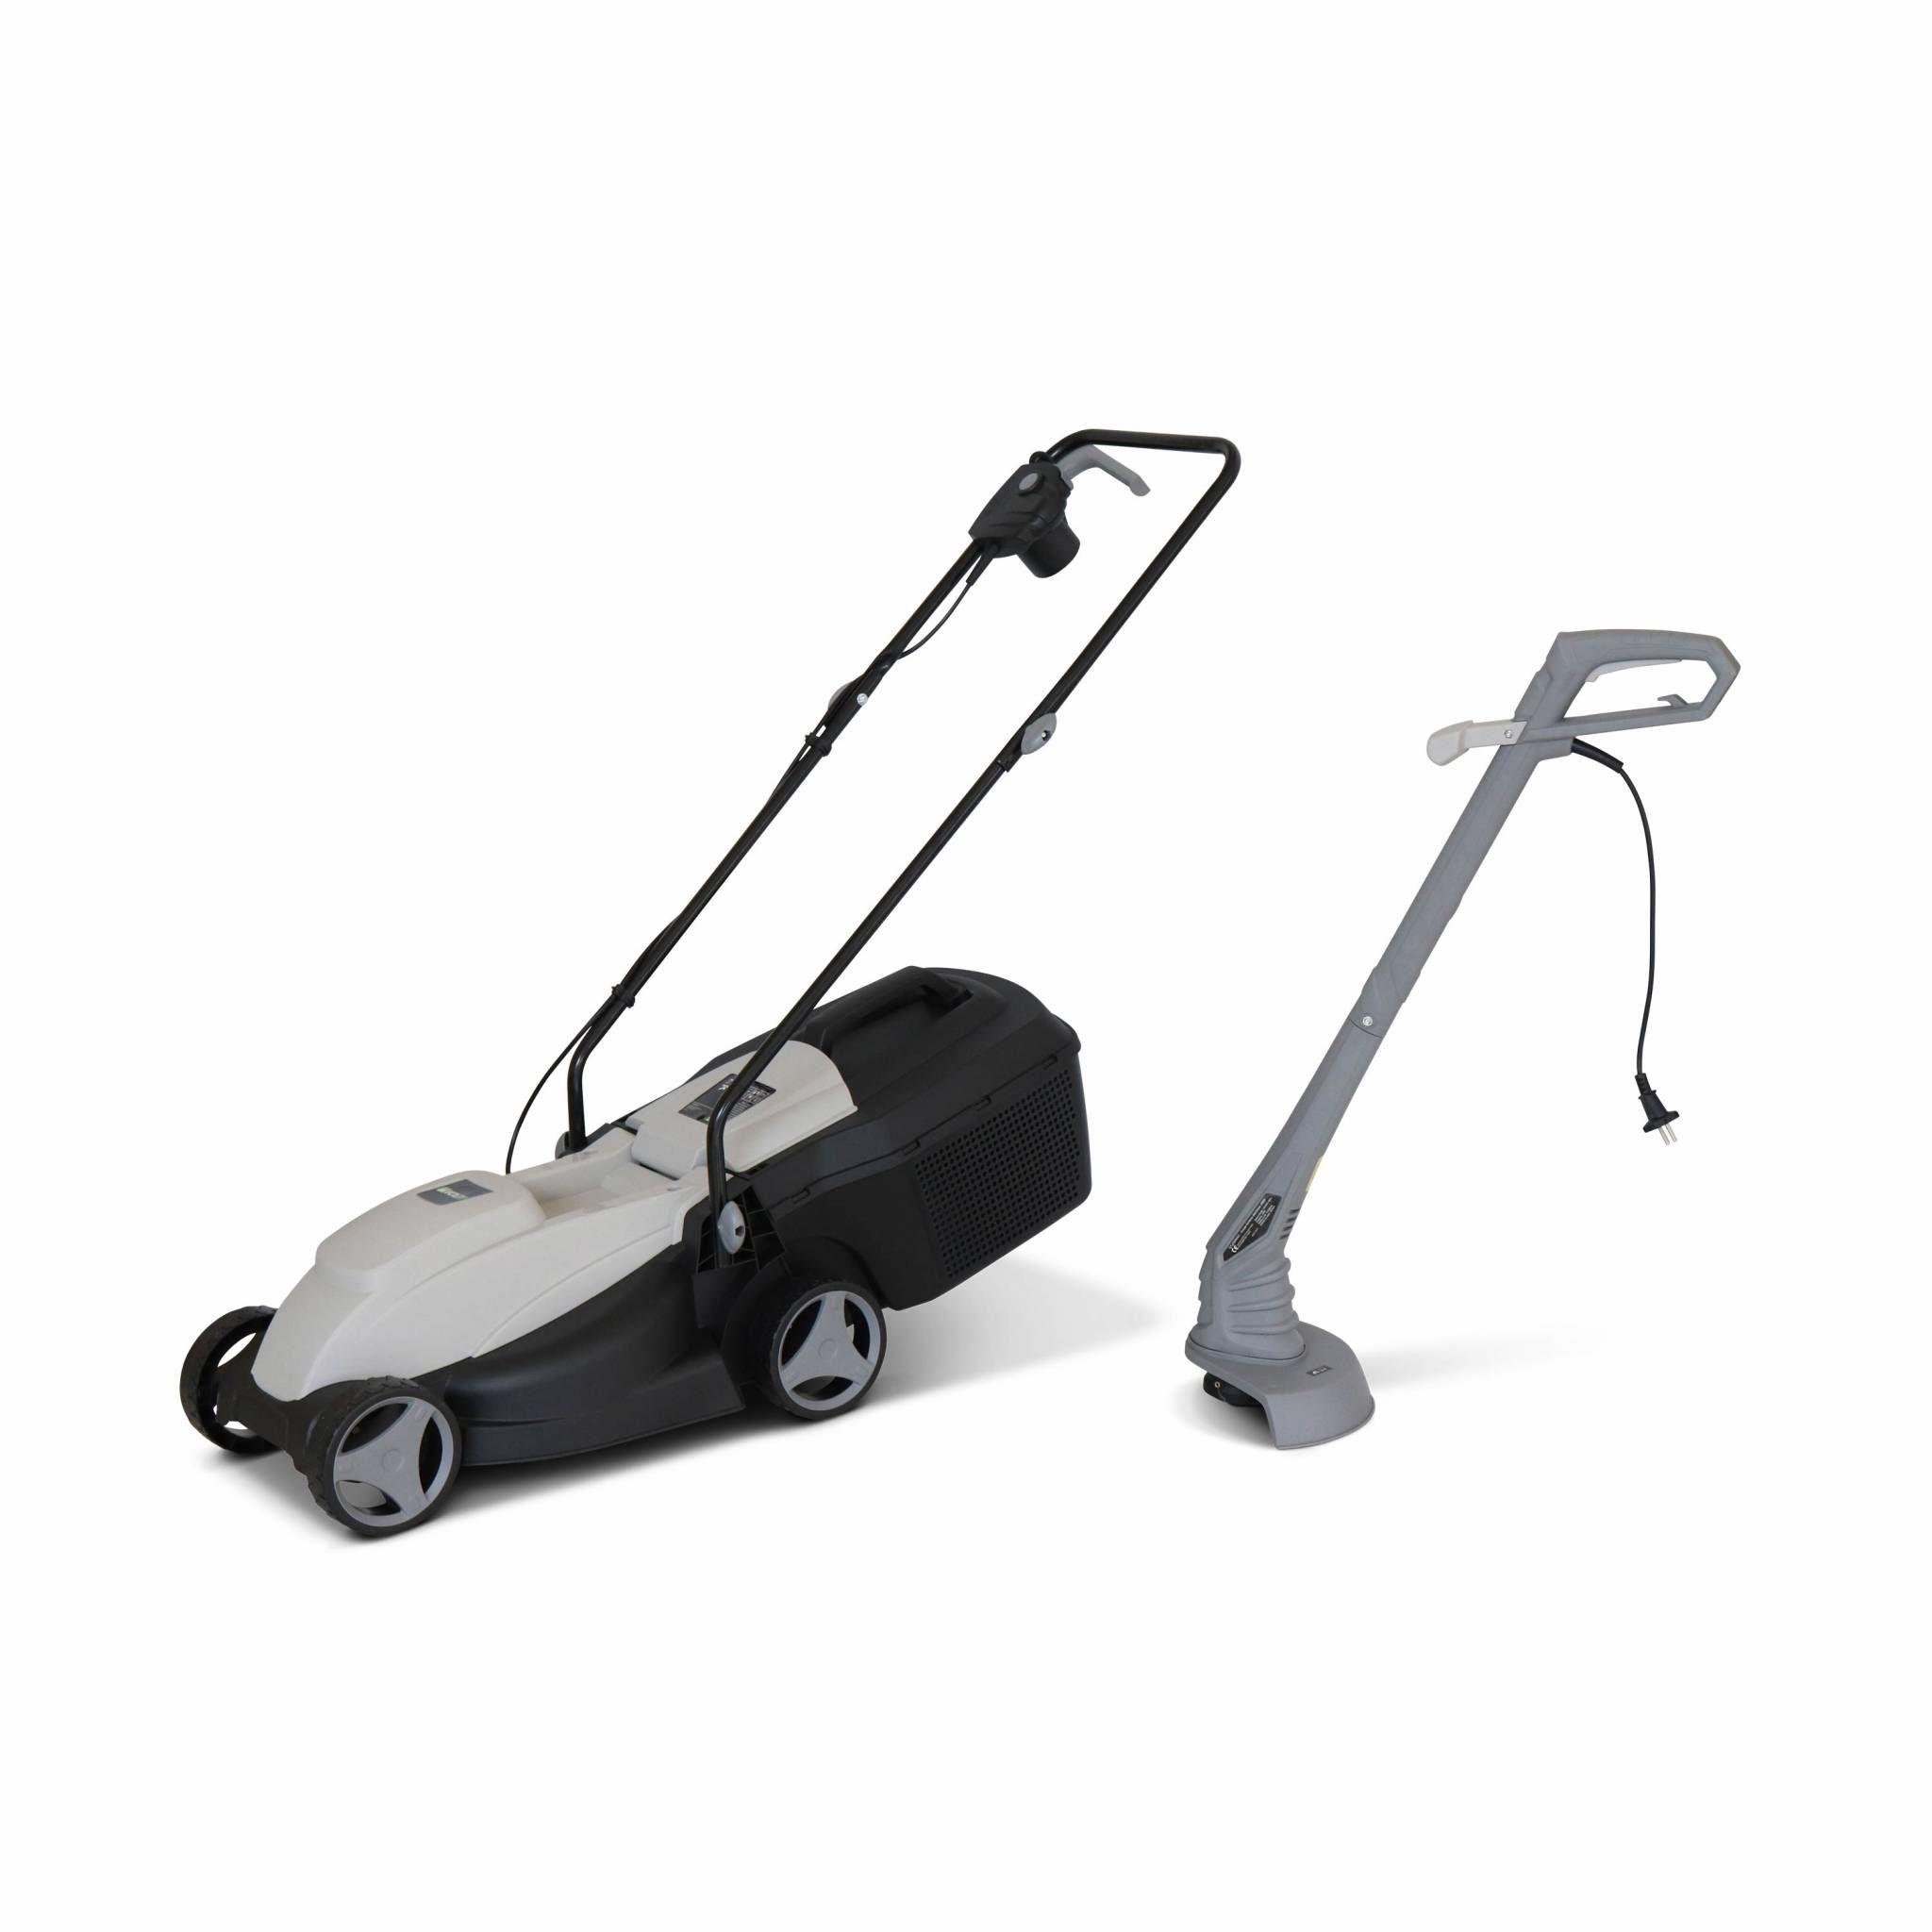 VOLTR - Pack électrique tondeuse à gazon Ø32cm 1300W + débroussailleuse Ø22cm 250W - Collecteur herbe, coupe bordures, ensemble